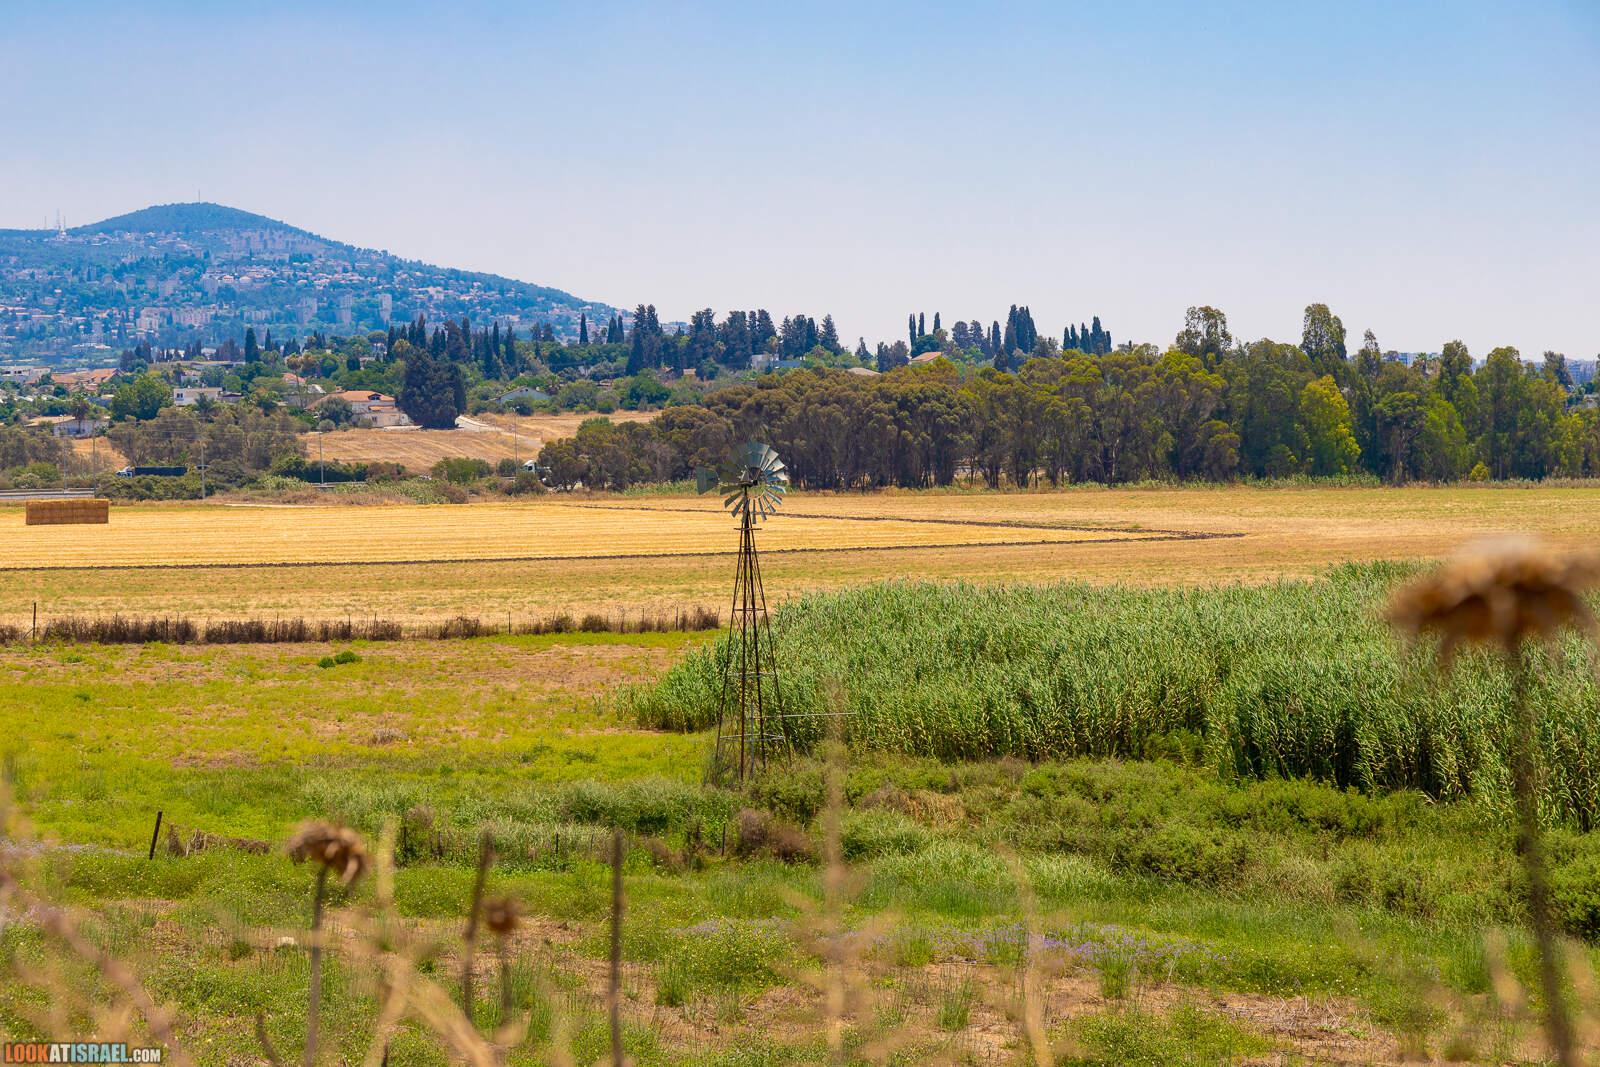 Путешествие 4x4 по Галилее и Голанским высотам | LookAtIsrael.com - Фото путешествия по Израилю